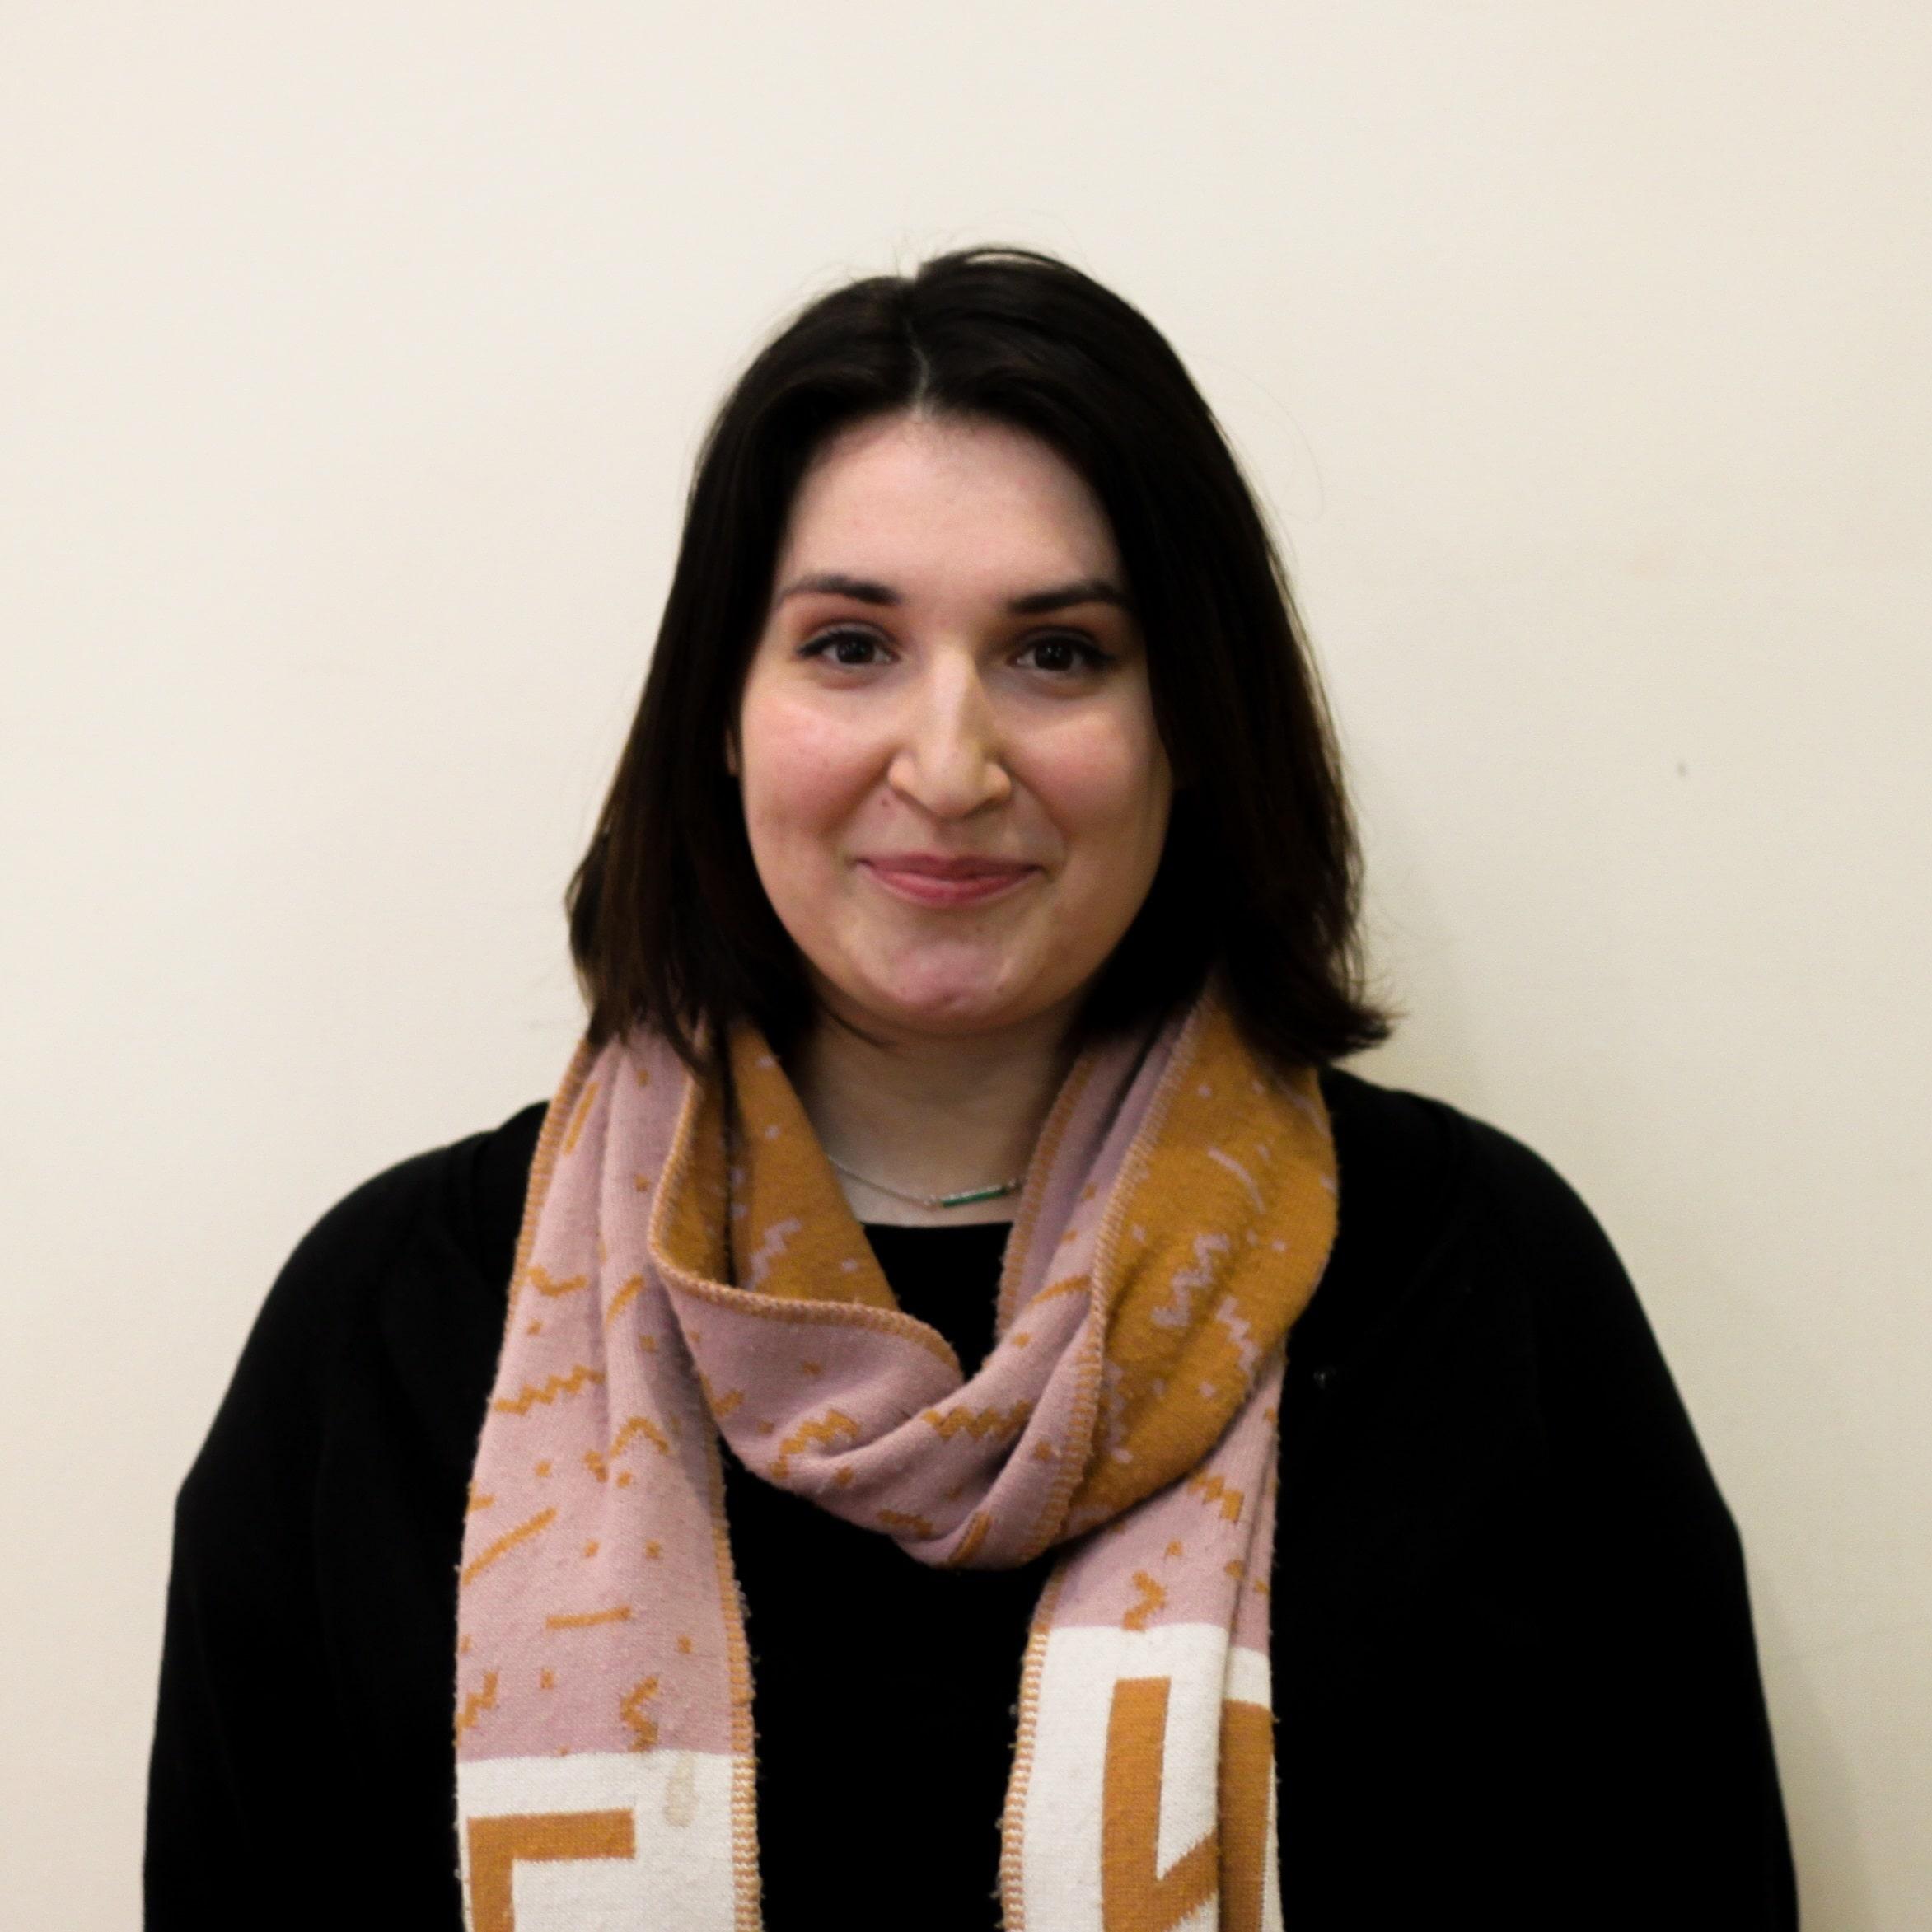 Hanna Bryszewska